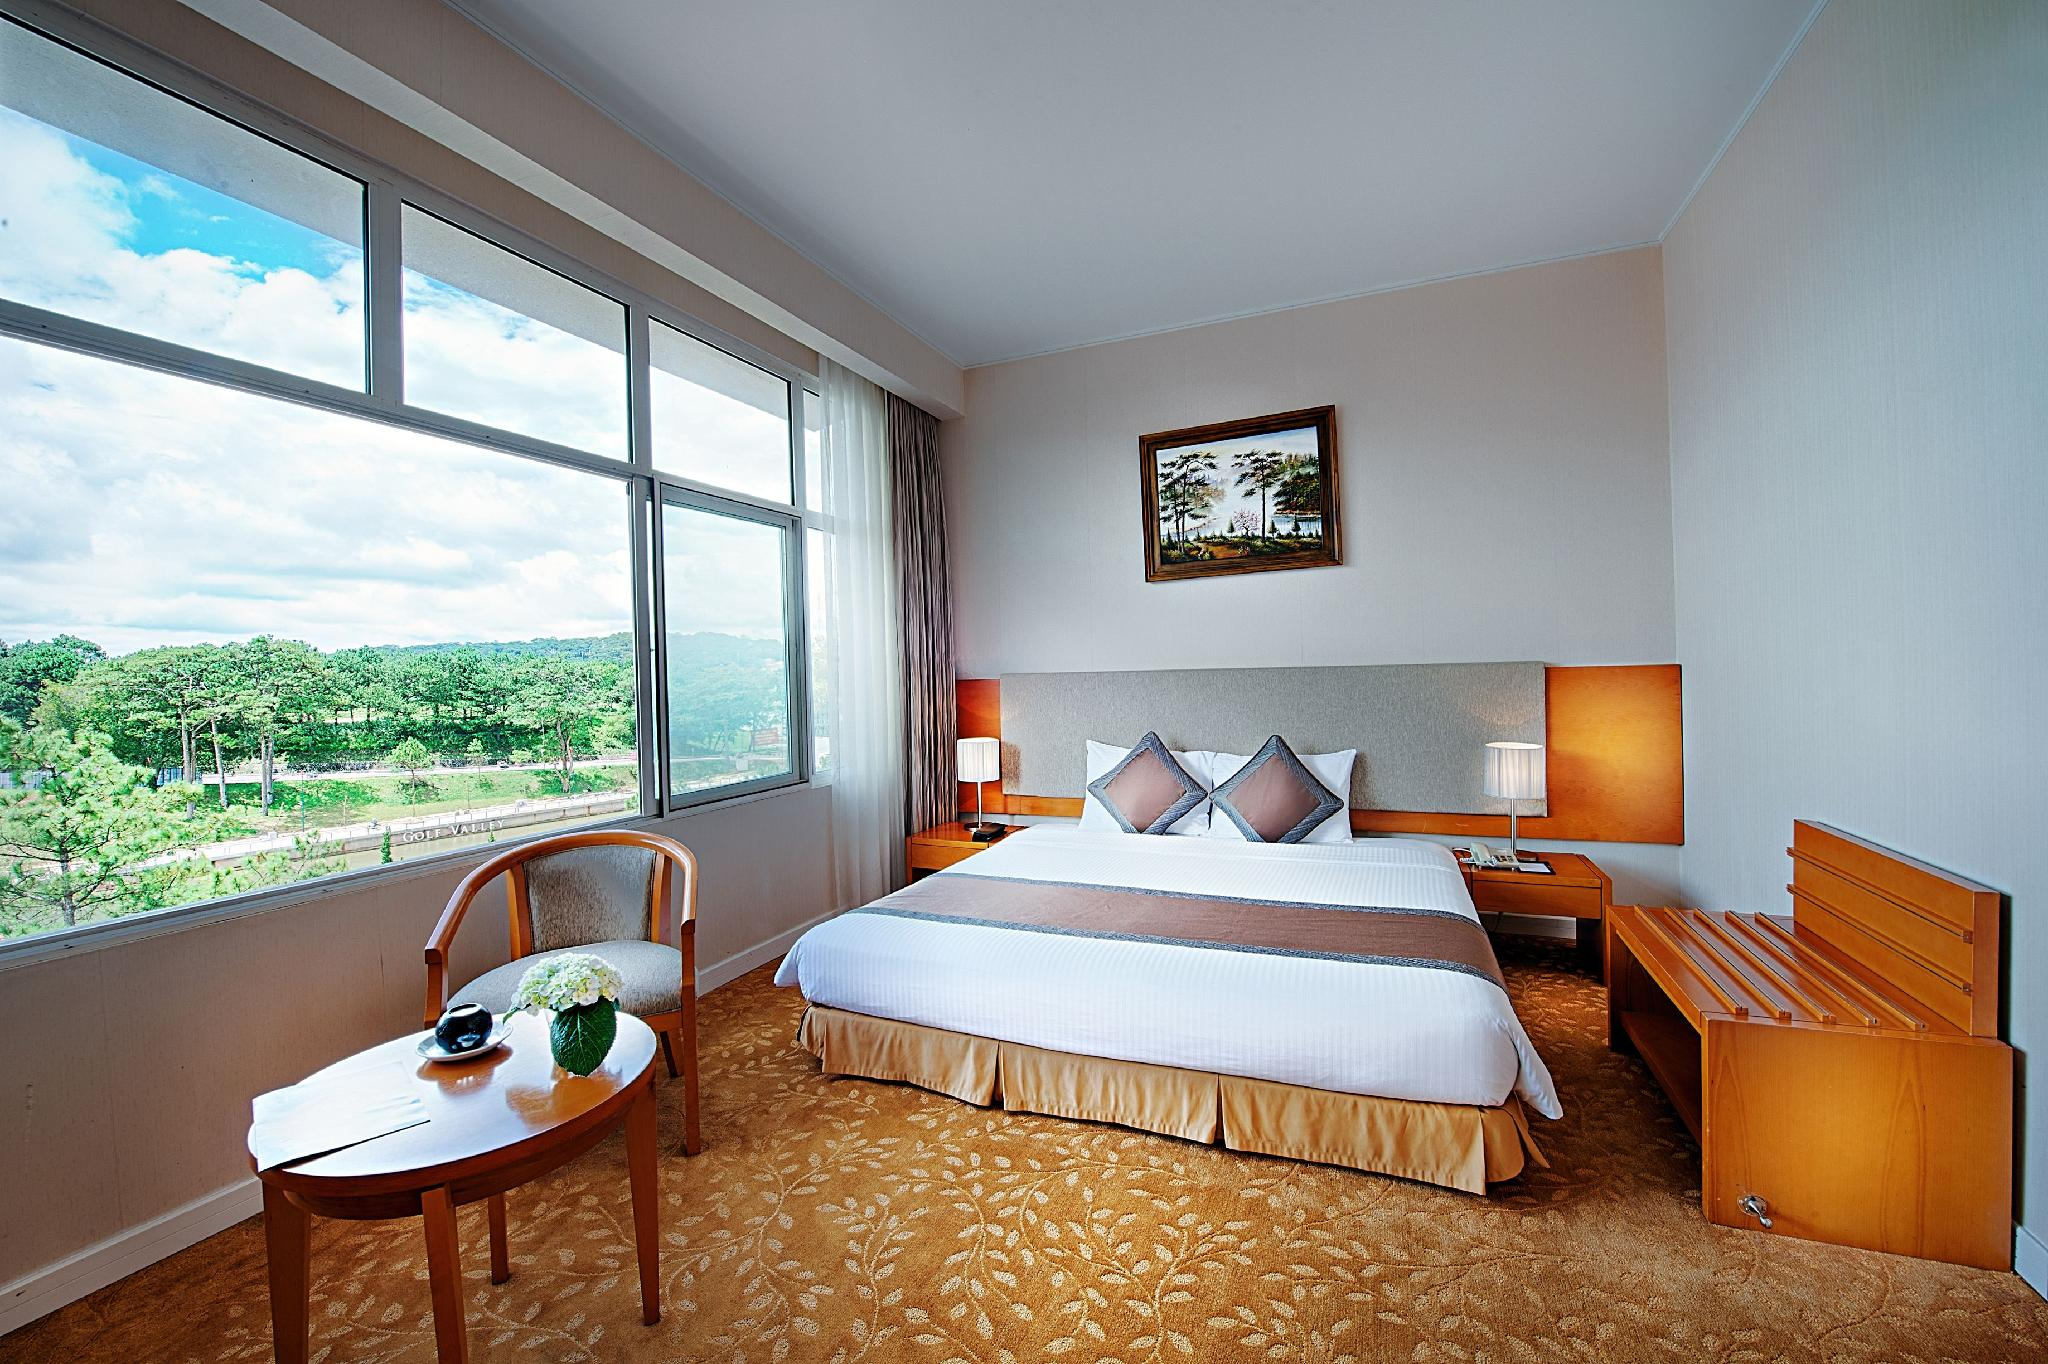 Khách Sạn Mường Thanh Đà Lạt   Đà Lạt ƯU ĐÃI CẬP NHẬT NĂM 2020 854311 ₫, Ảnh HD & Nhận Xét